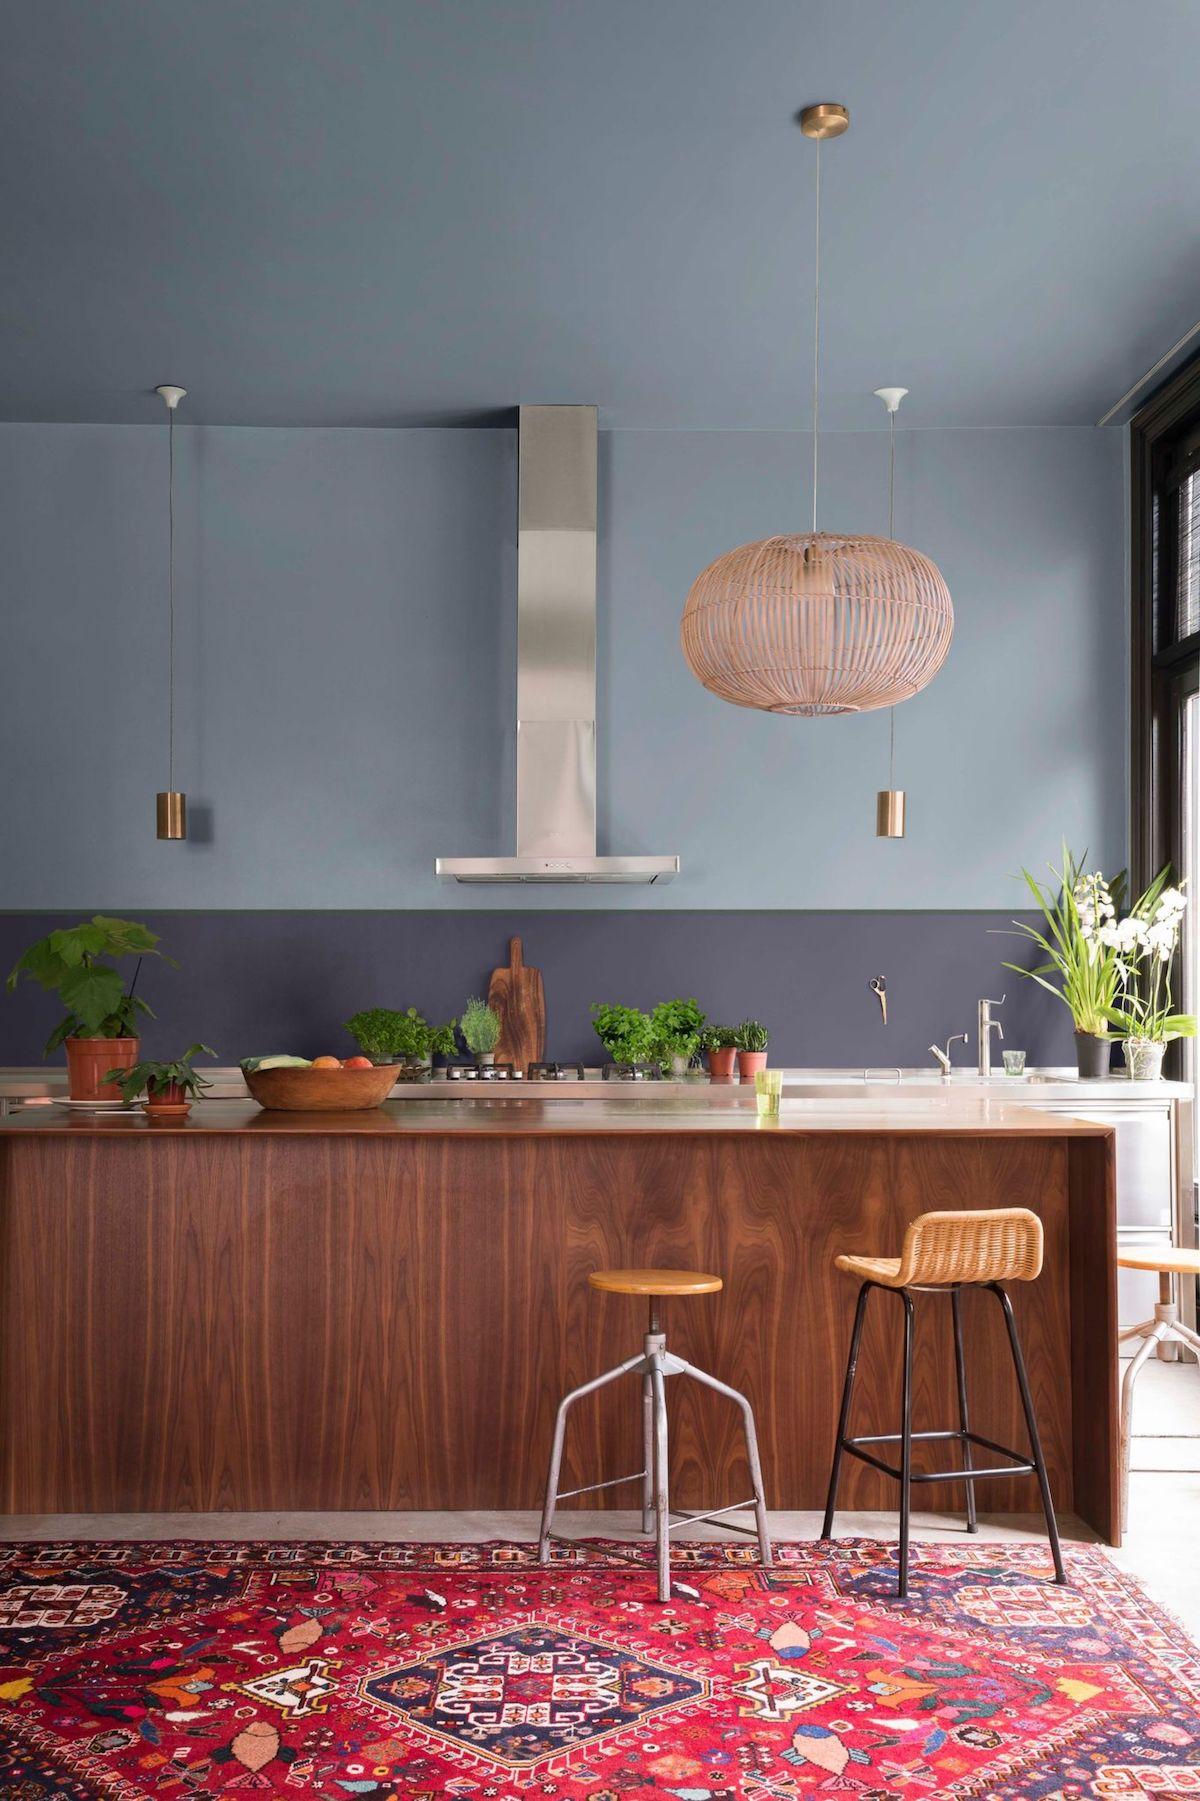 cuisine bar bois acajou foncé peinture bleu myrtille dulux hotte inox suspendue